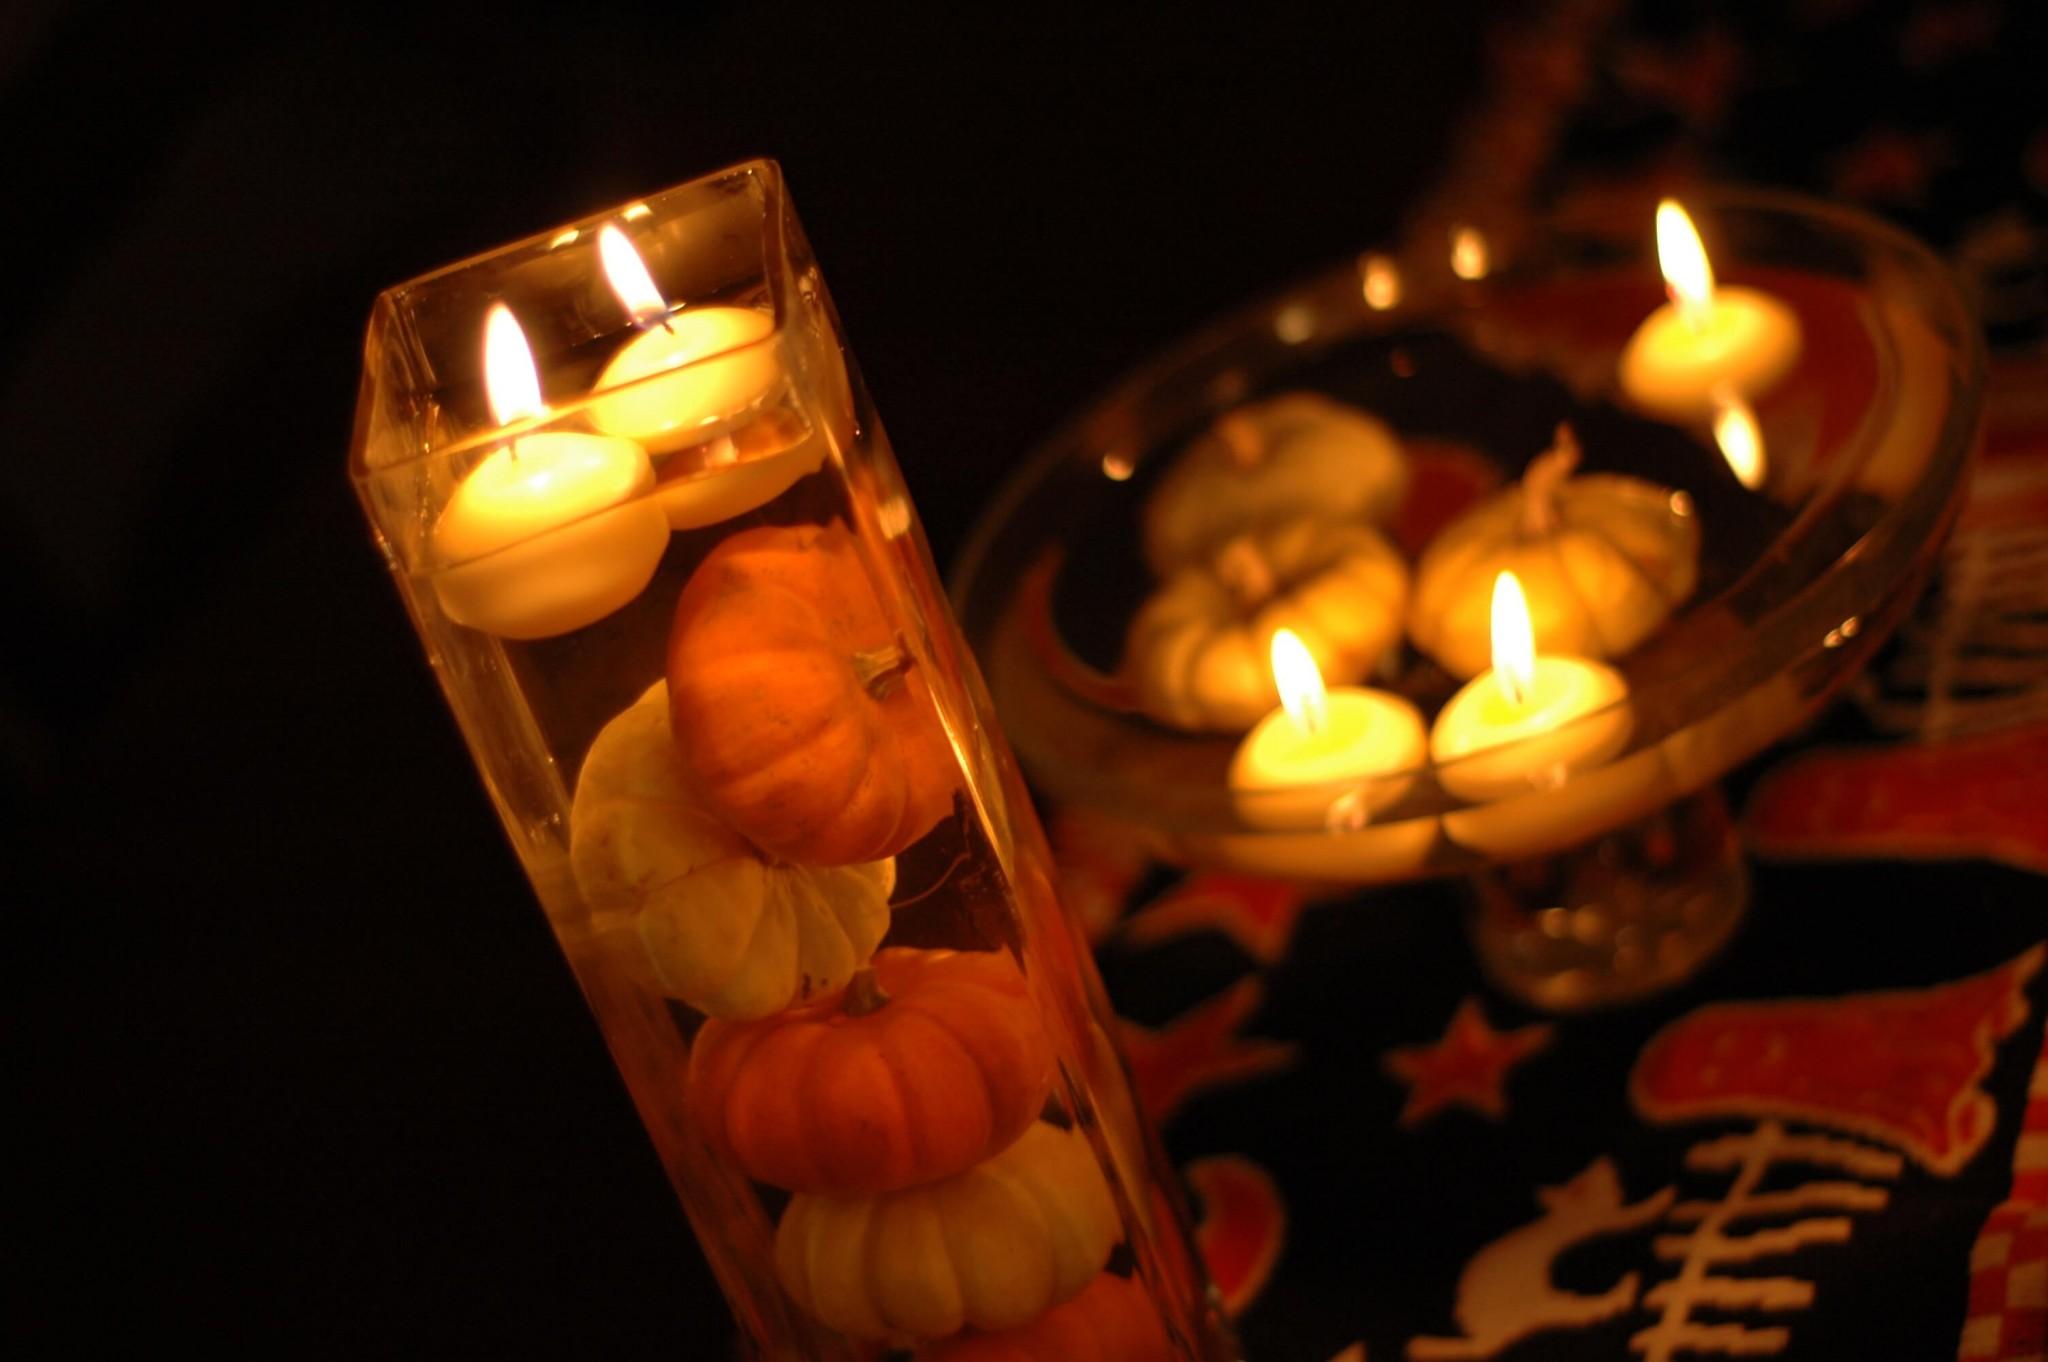 Plovoucí svíčky vznášející se nad dýní